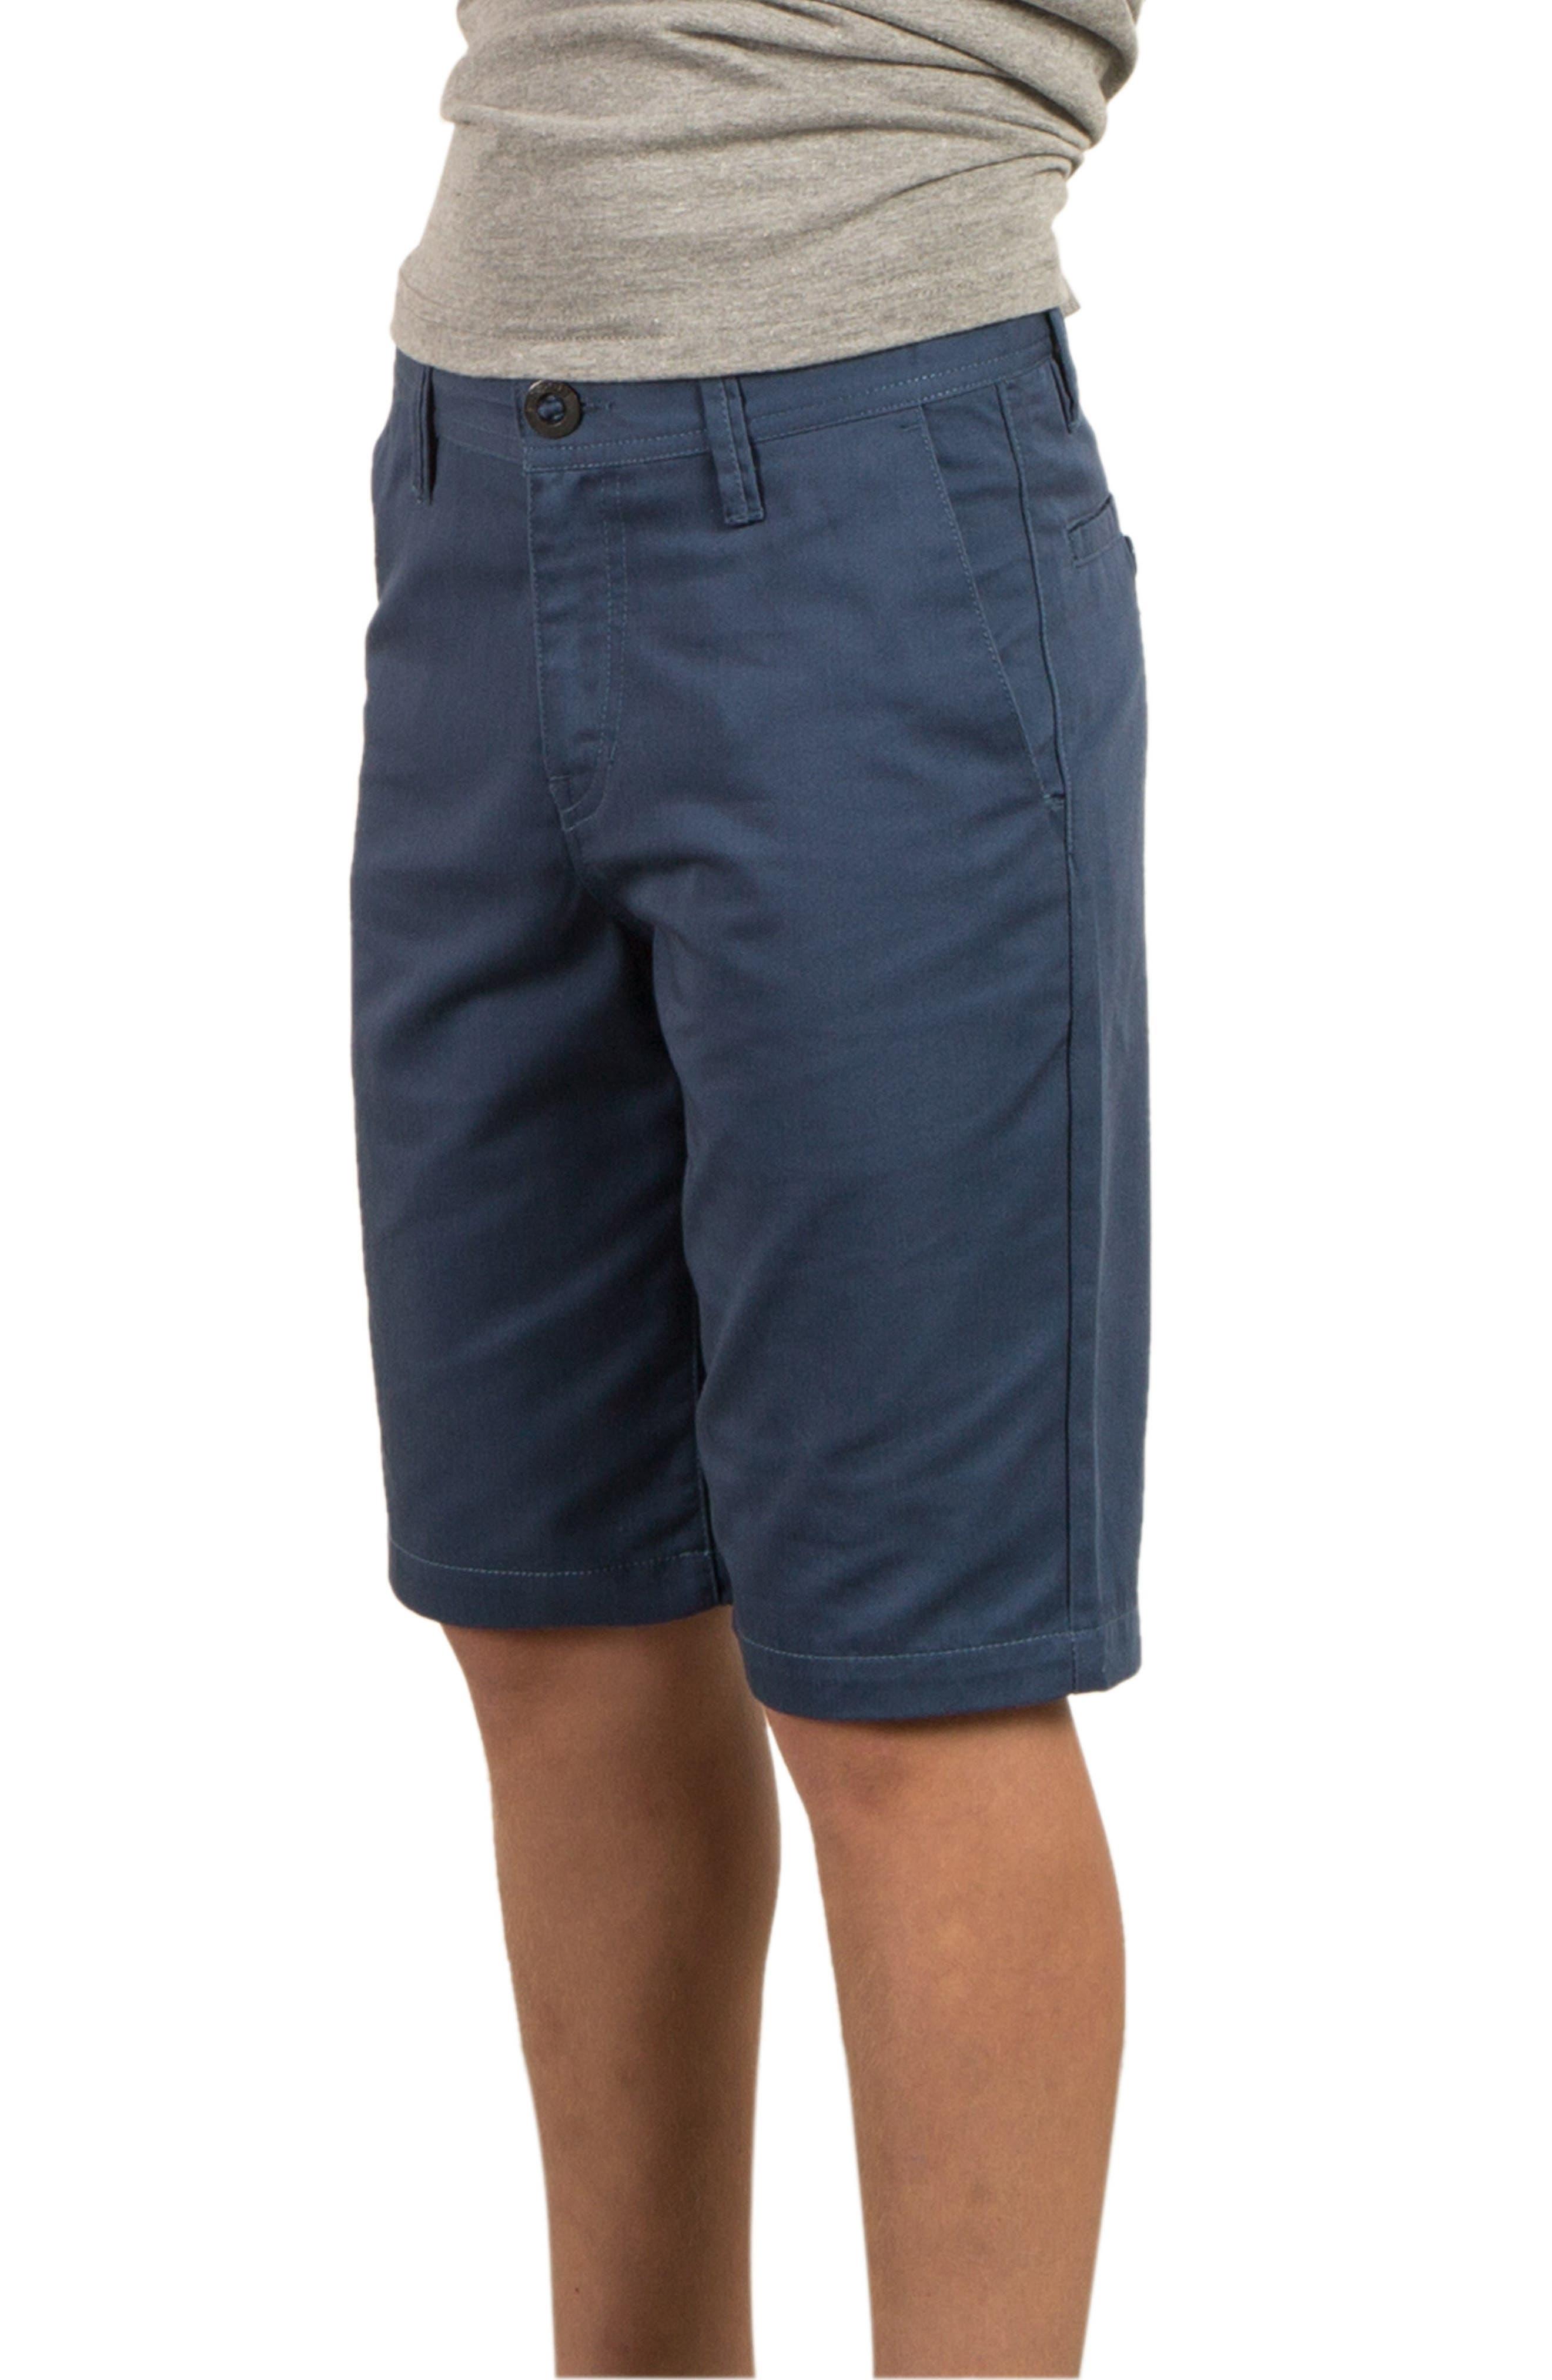 Chino Shorts,                         Main,                         color, Blue Smoke